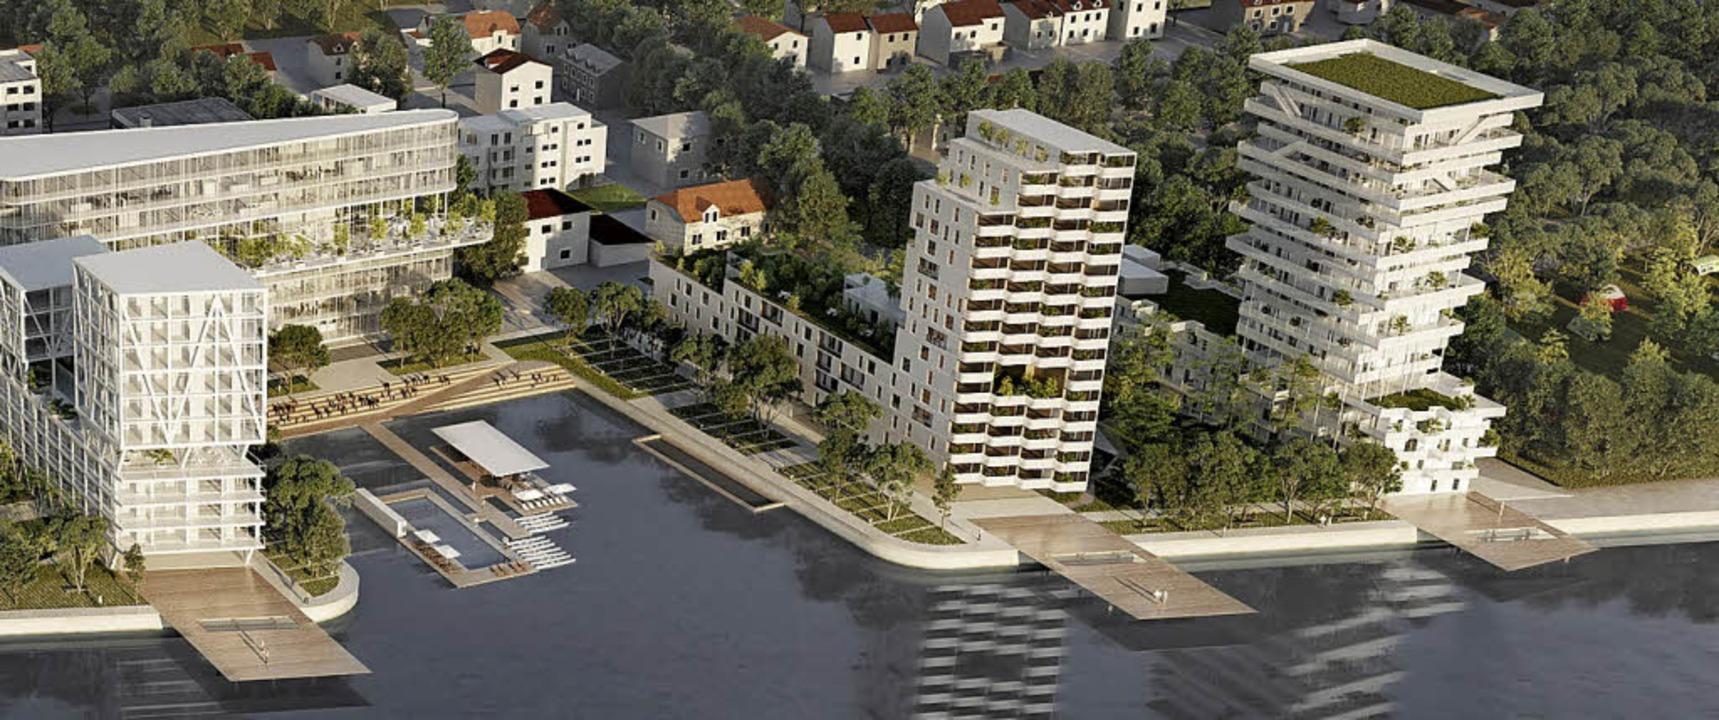 Die in Hüningen geplante Rheinufer-Bebauung      Foto: Visualisierung: Constructa